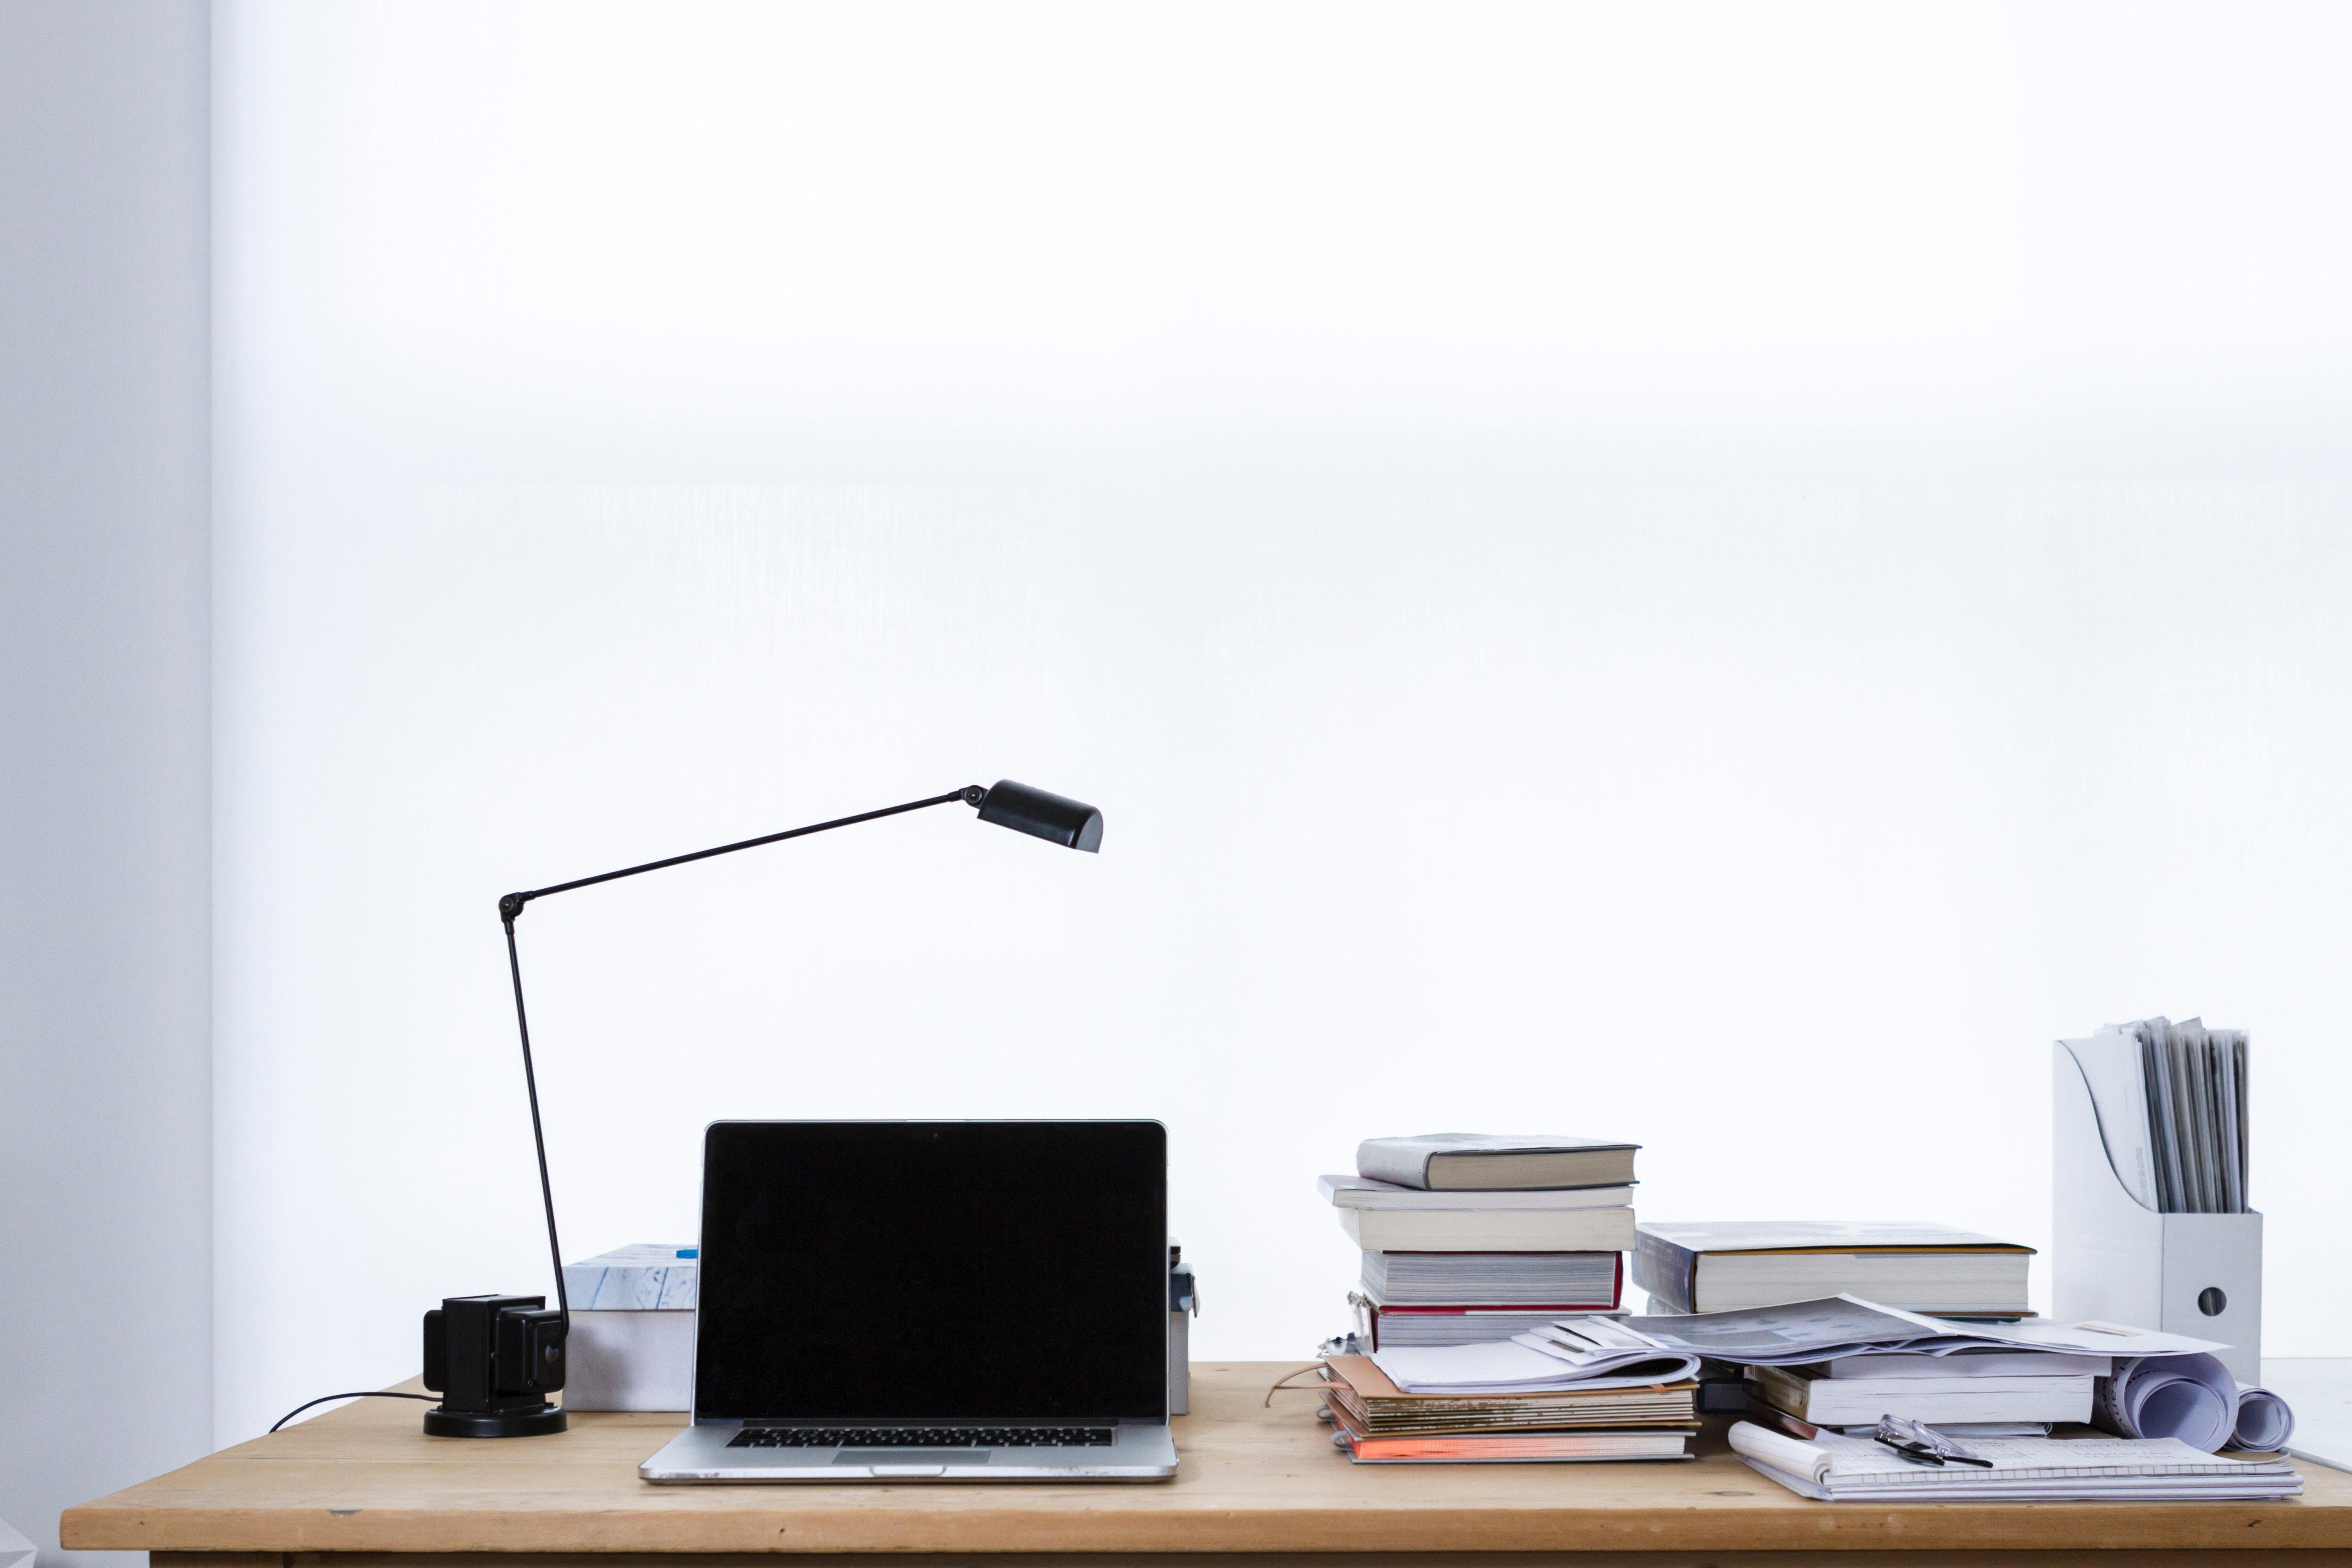 PCと本、電気スタンドが置かれた机